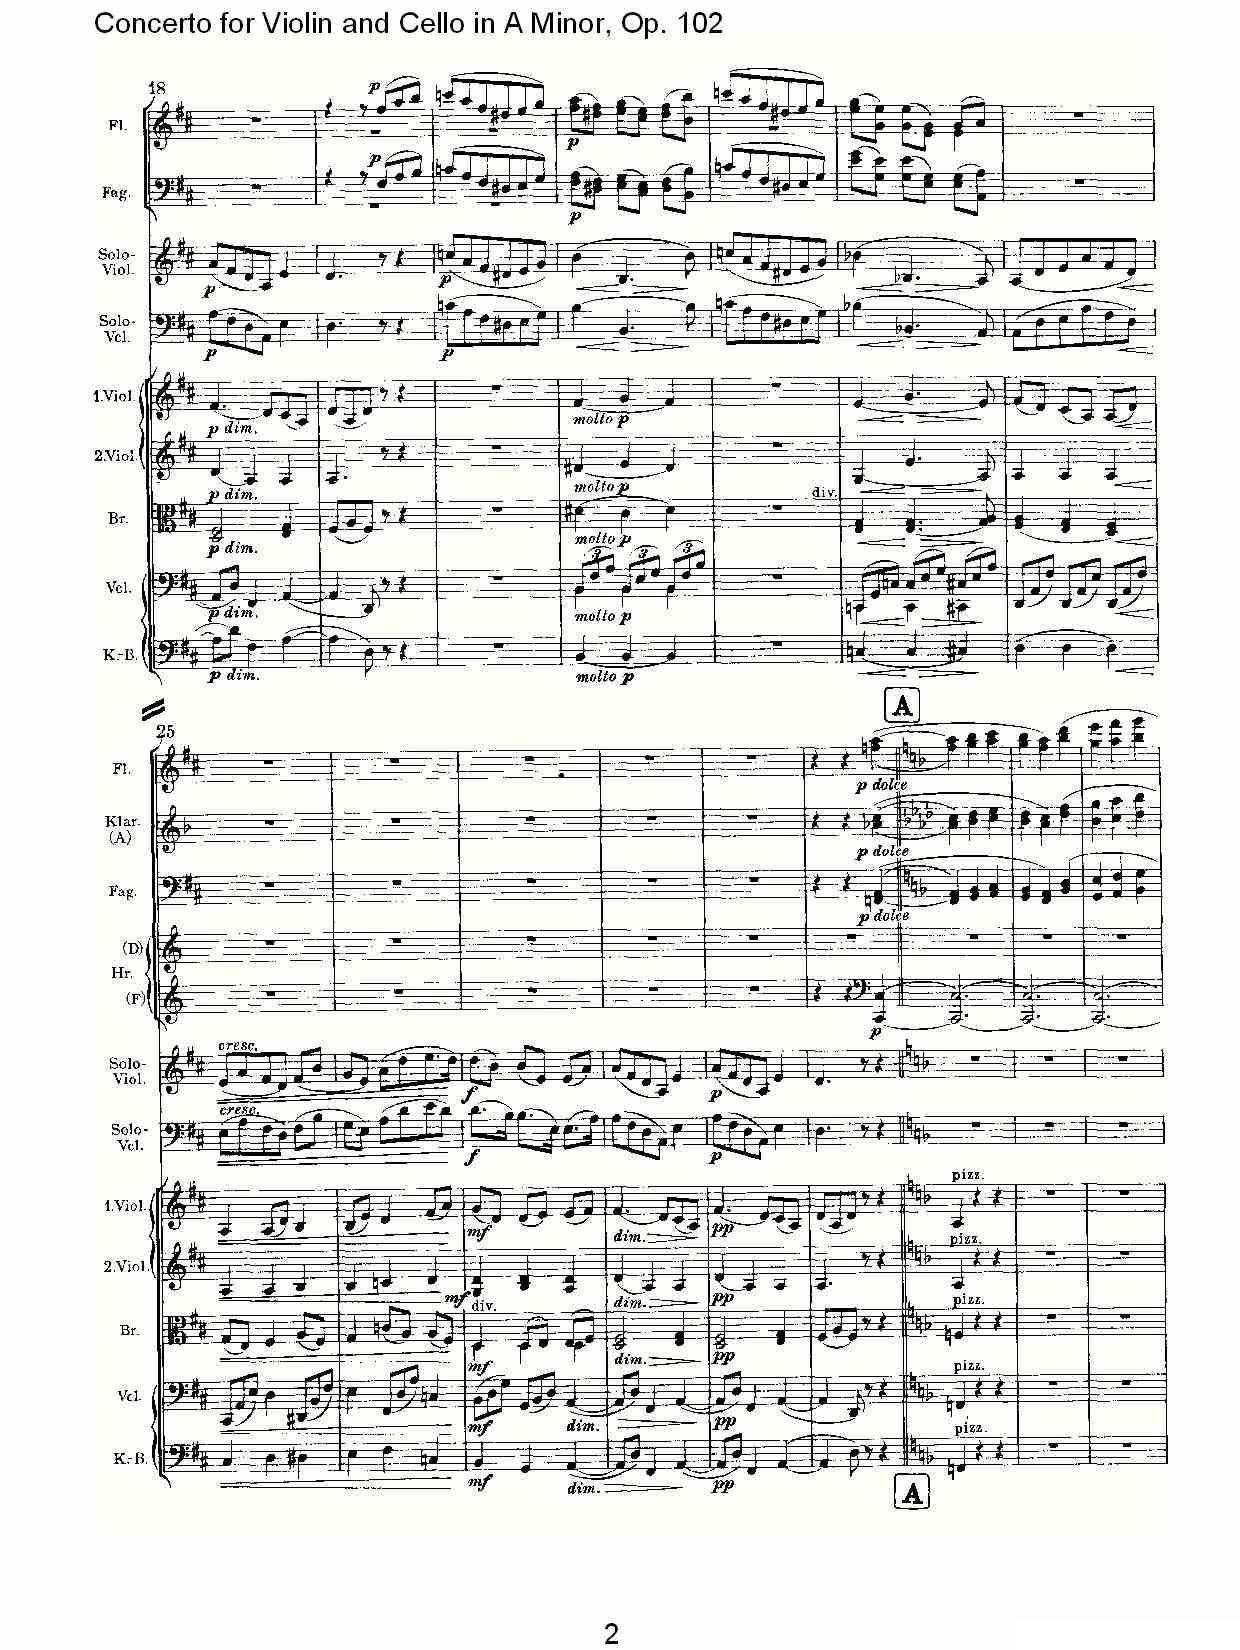 A小调小提琴与大提琴协奏曲, Op.102第二乐章